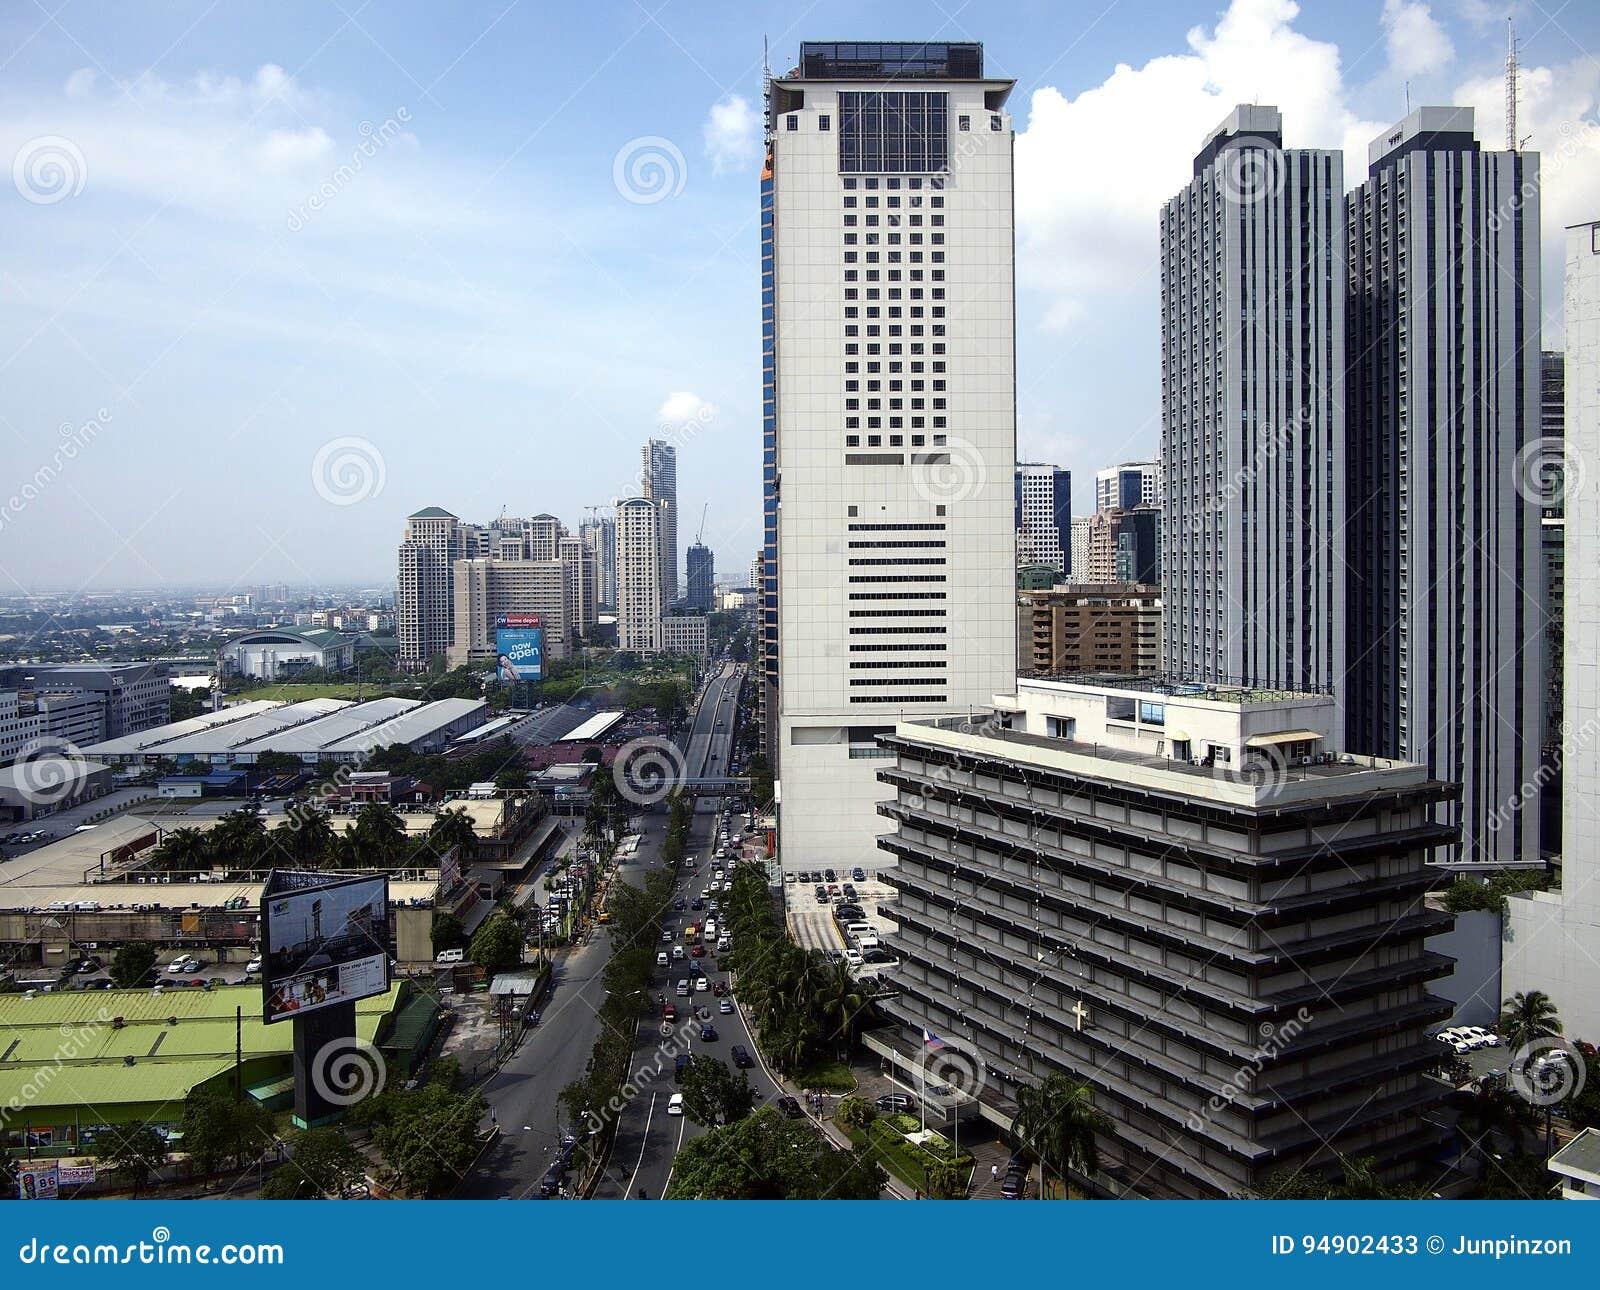 Bostads- och kommersiella byggnader i den Pasig staden, Filippinerna